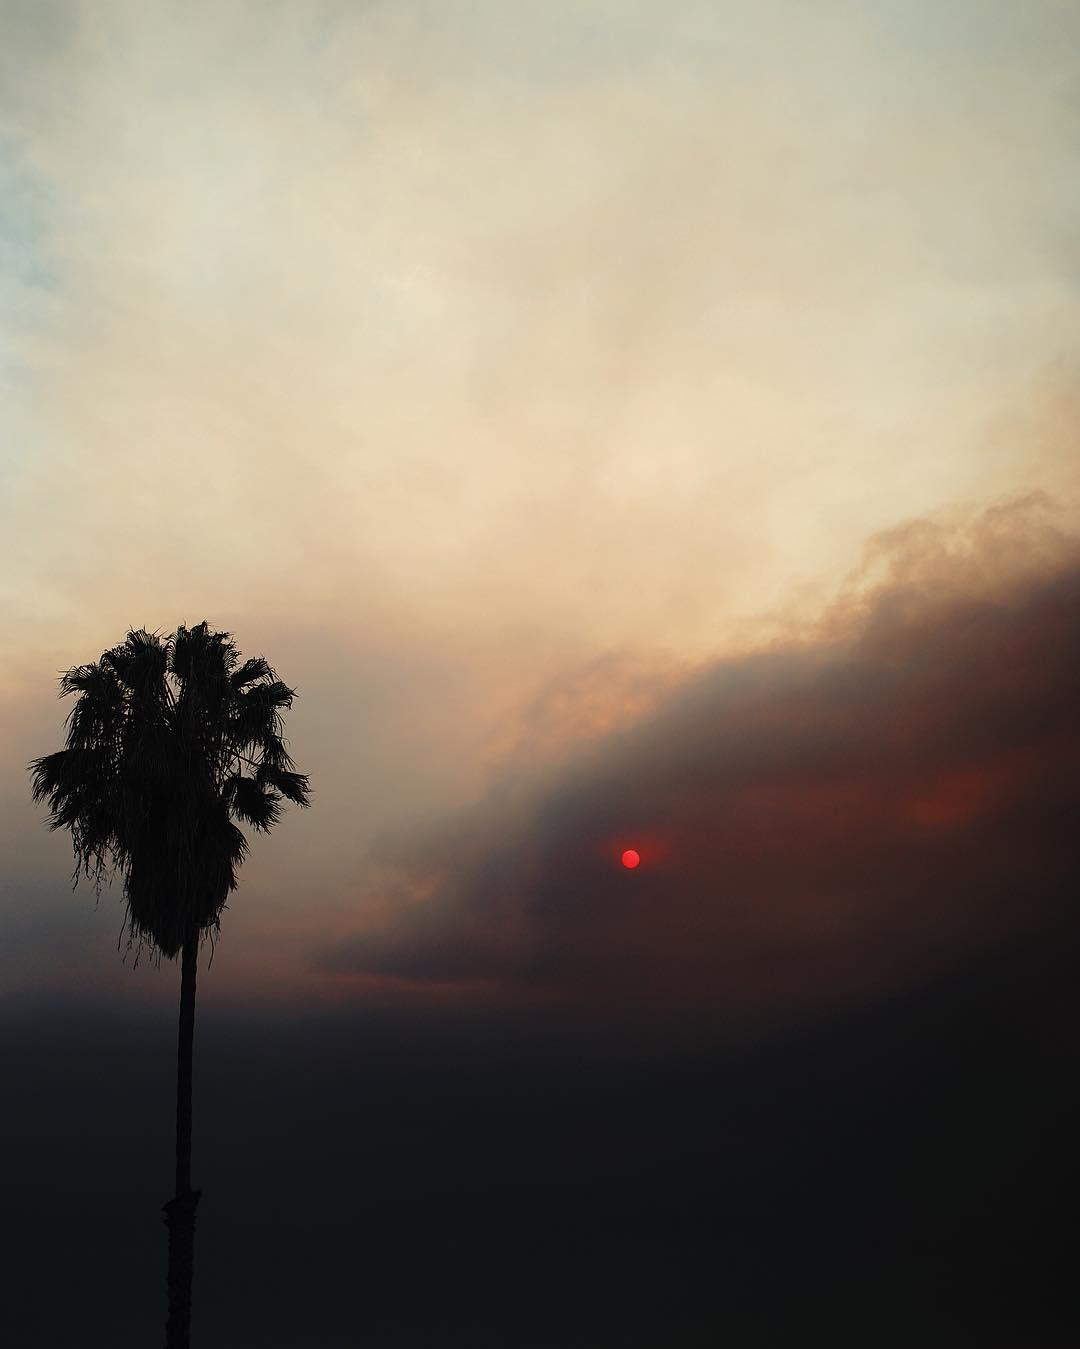 Back_to_the_trending_fire_sky.__vscocam__sonya7ii__firesky.jpg